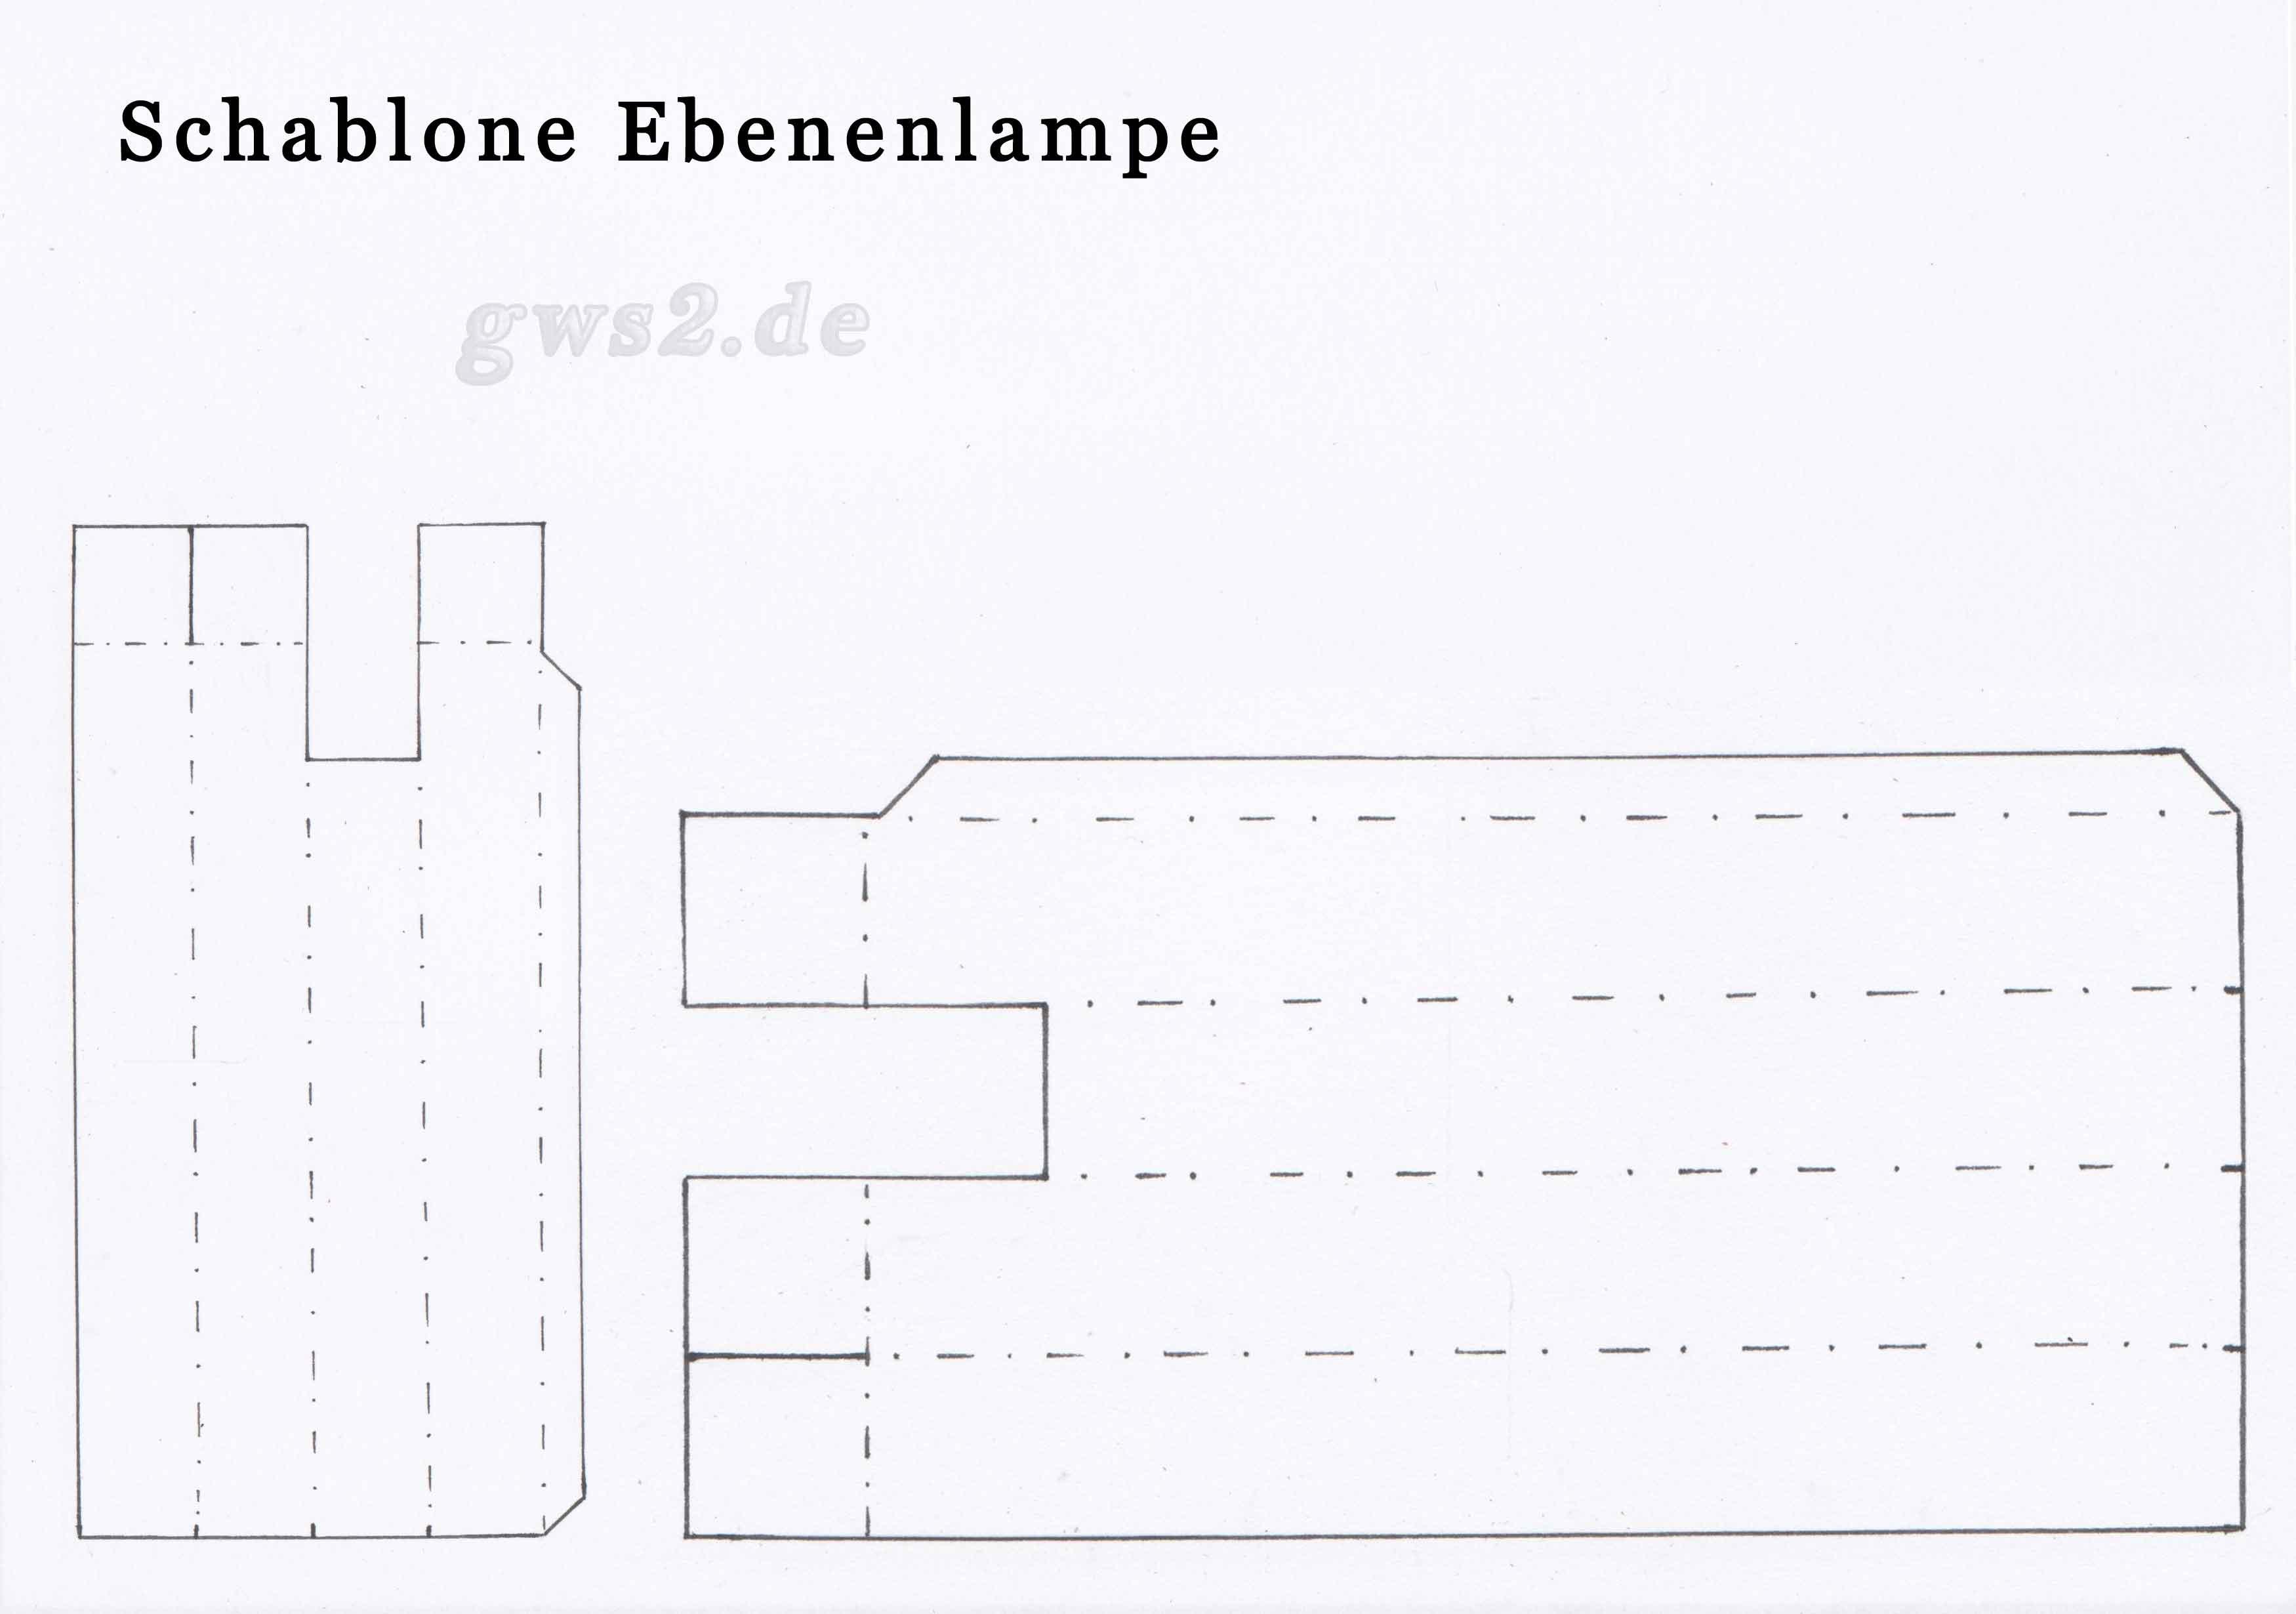 Bild von Schablone für Ebenenlampe